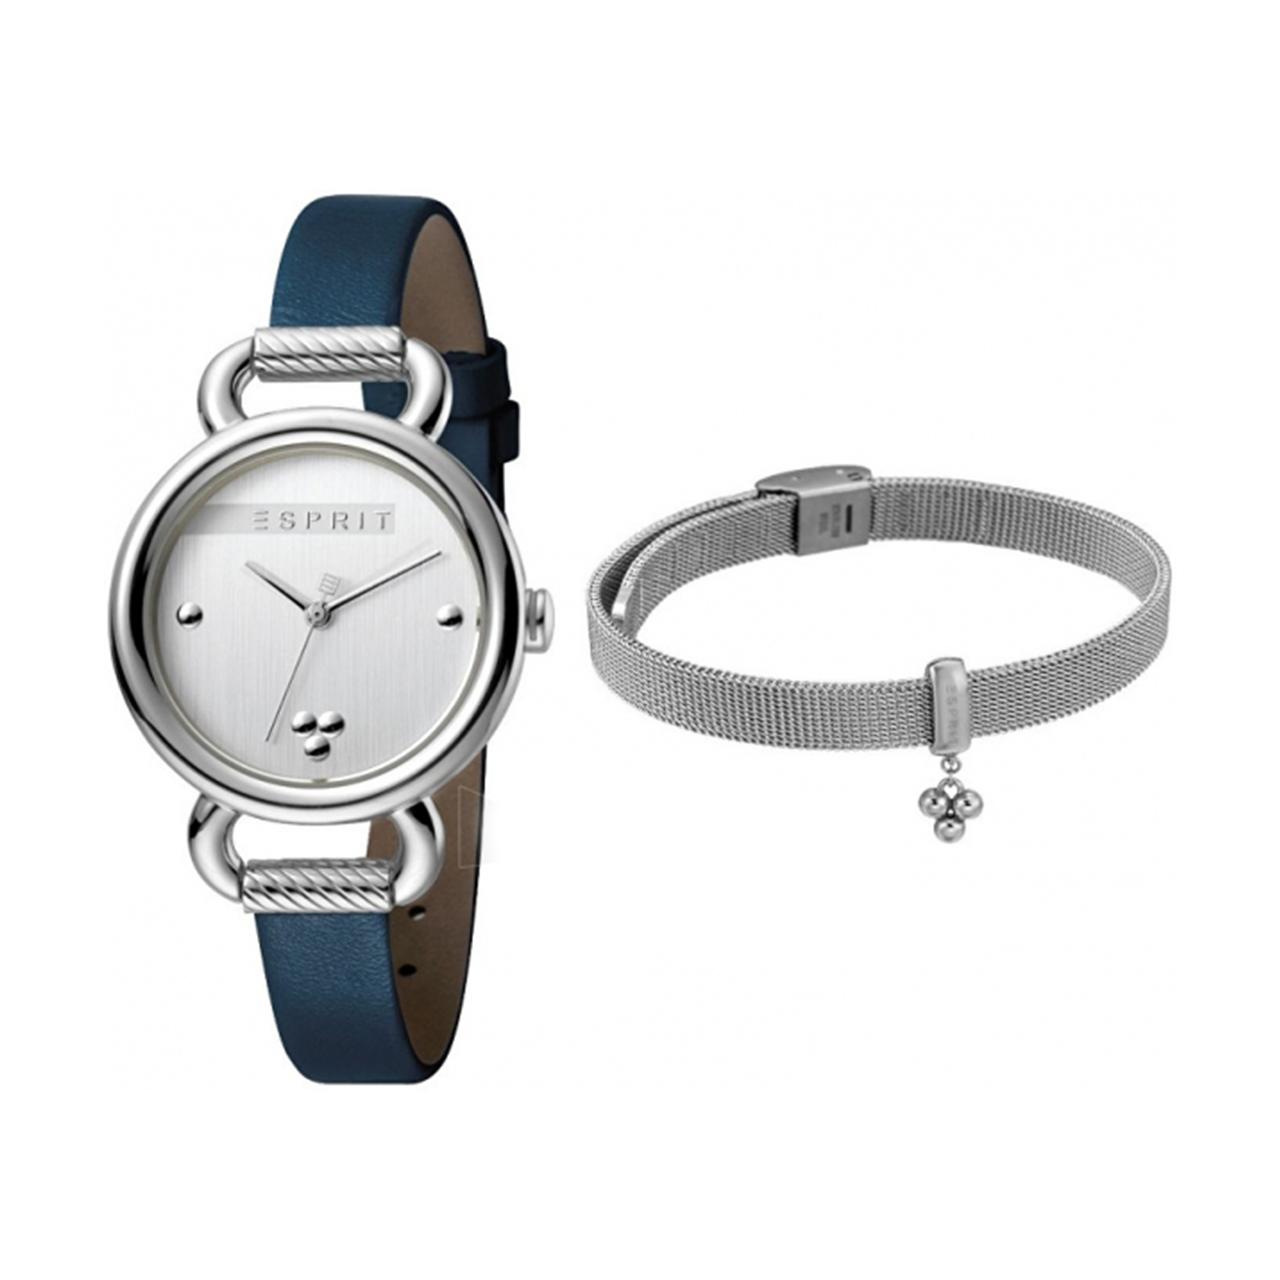 ست دستبند و ساعت مچی عقربه ای زنانه اسپریت مدل ES1L023L0015